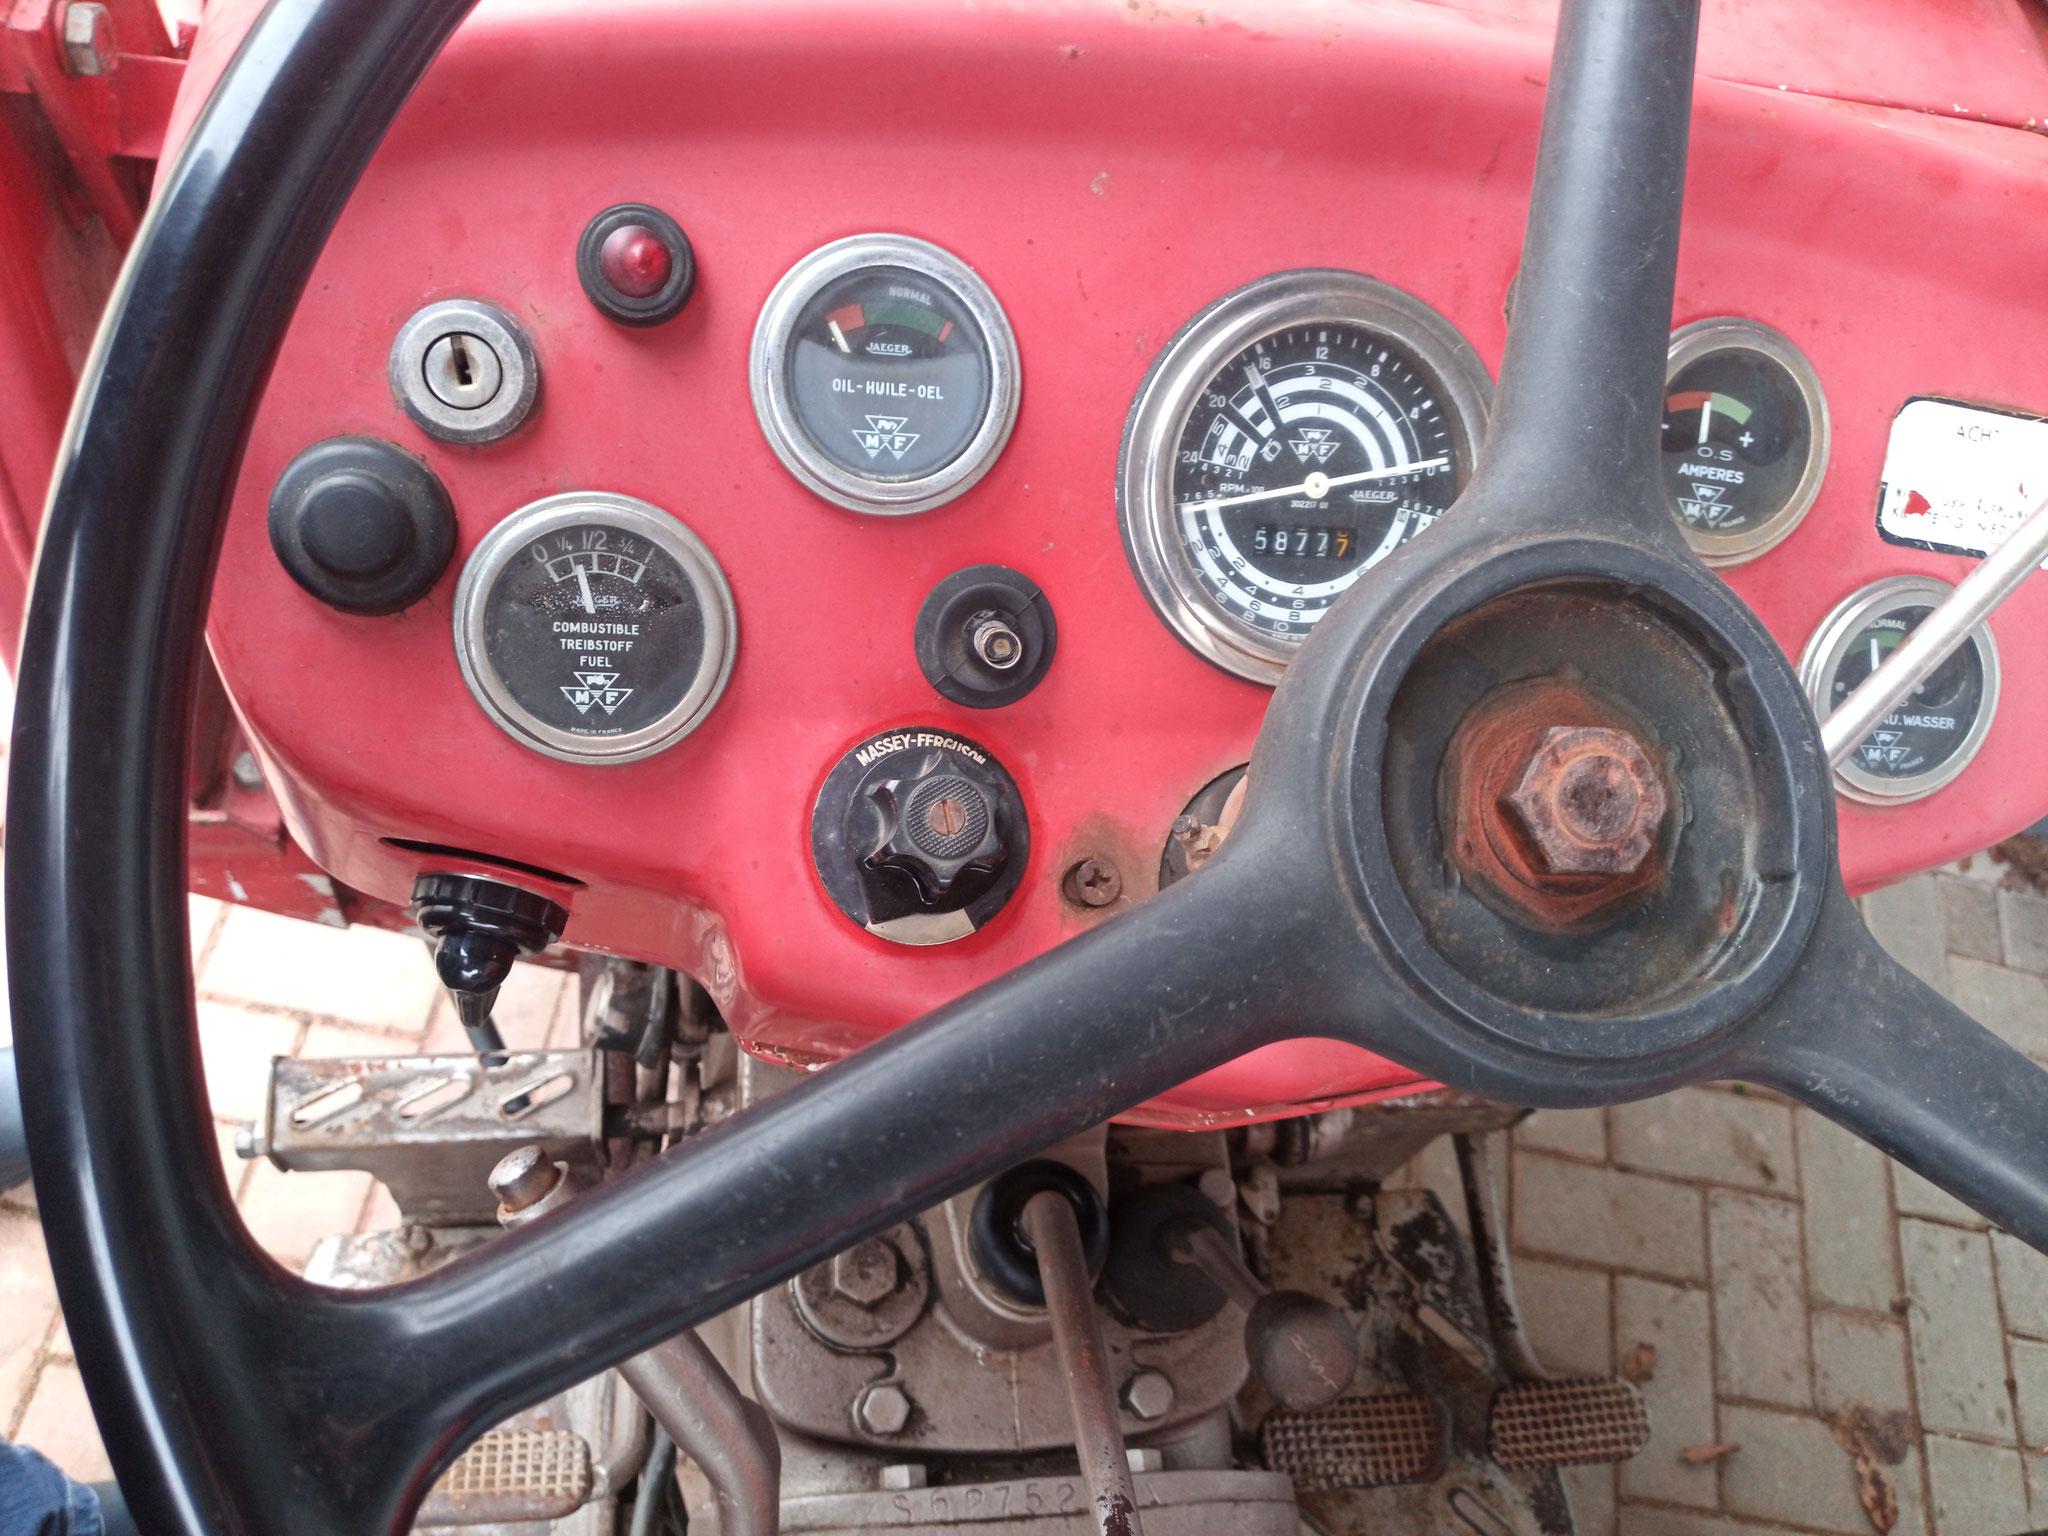 Traktormeter defekt, wie kann man dann eine B-std.-Zahl angeben